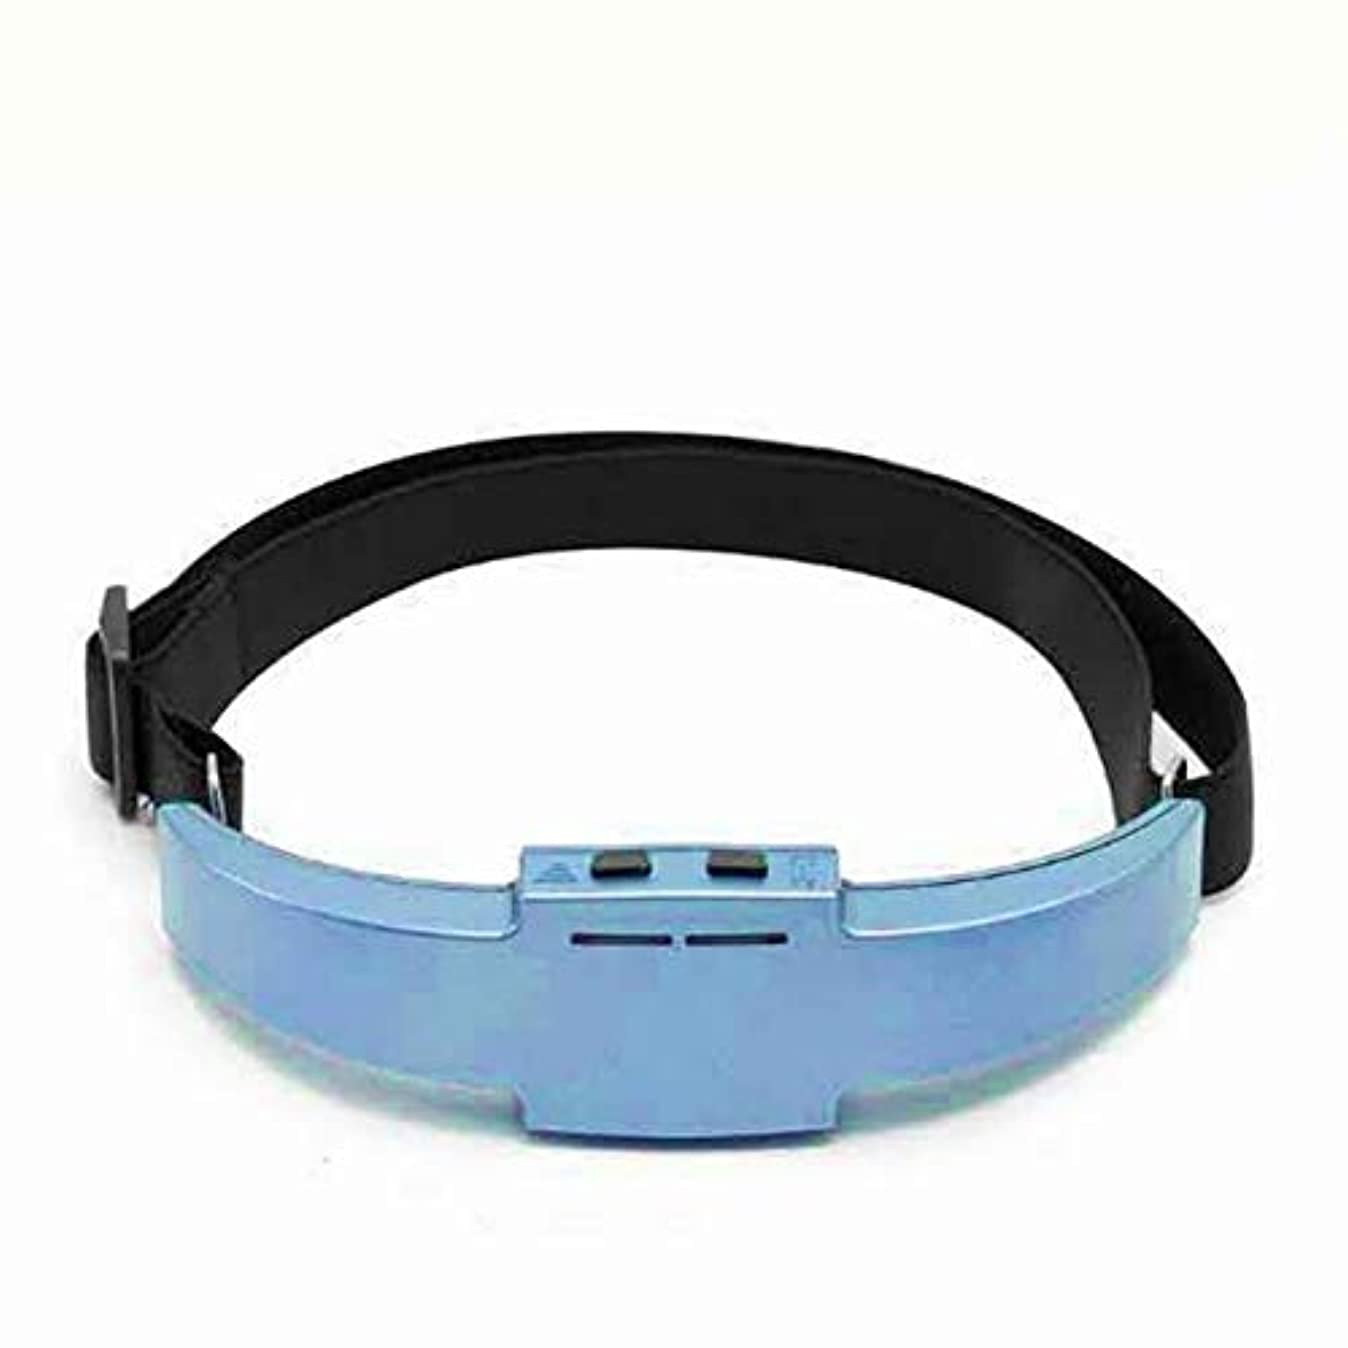 太陽壊す海DeeploveUU ワイヤレス充電電気催眠術ヘッド睡眠器具鍼治療睡眠補助器具睡眠器具不眠症治療